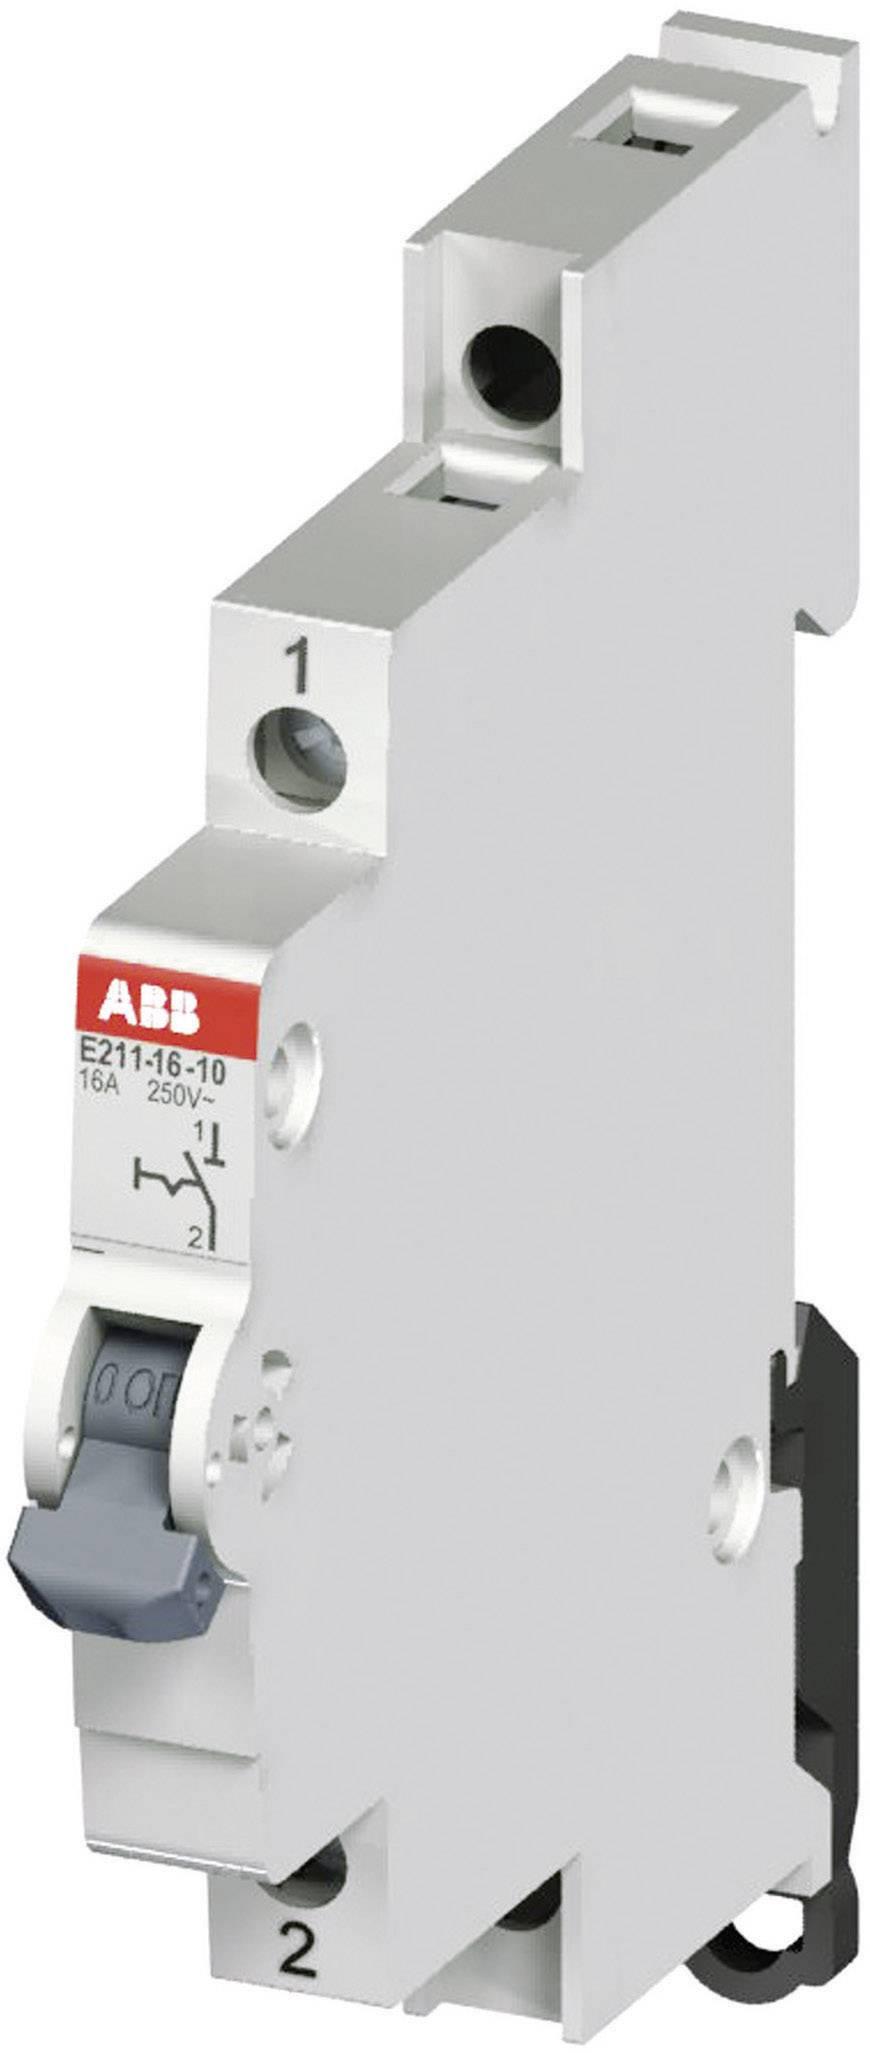 Vypínač ABB E211 16A-20, 16 A, 250/400 V, 2NO, 2CCA703005R0001